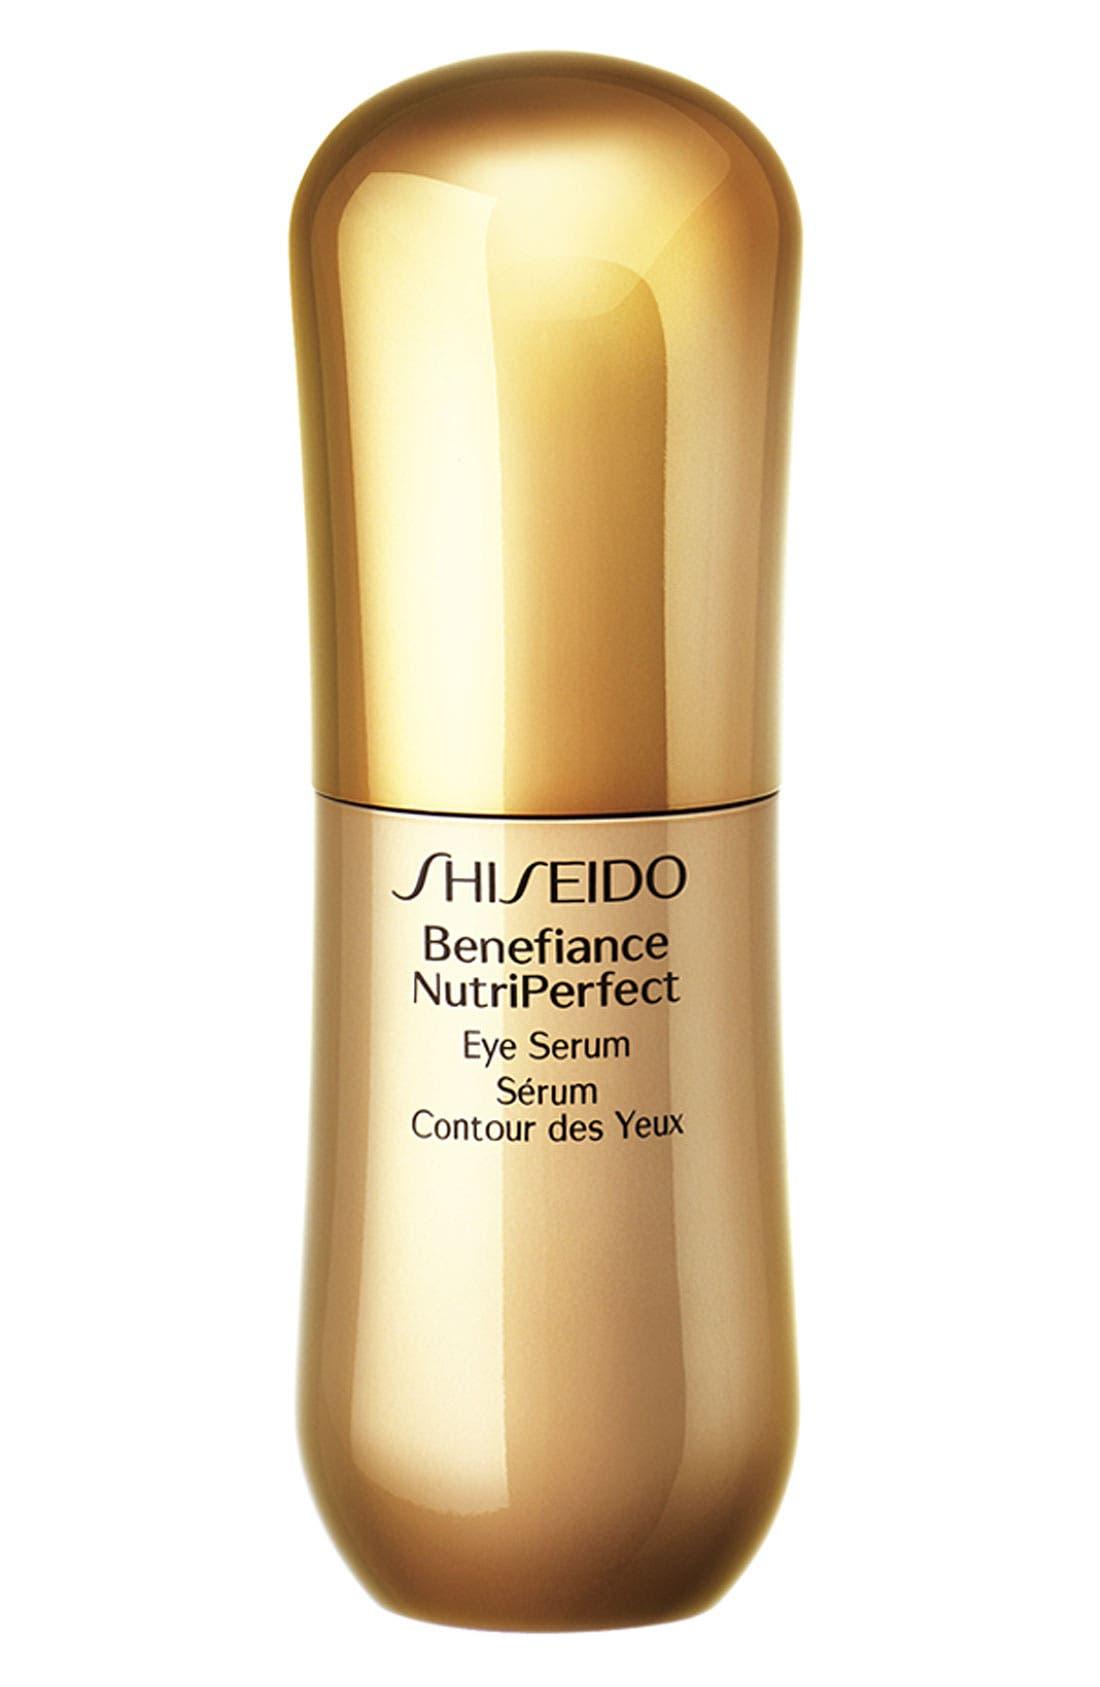 Shiseido 'Benefiance NutriPerfect' Eye Serum